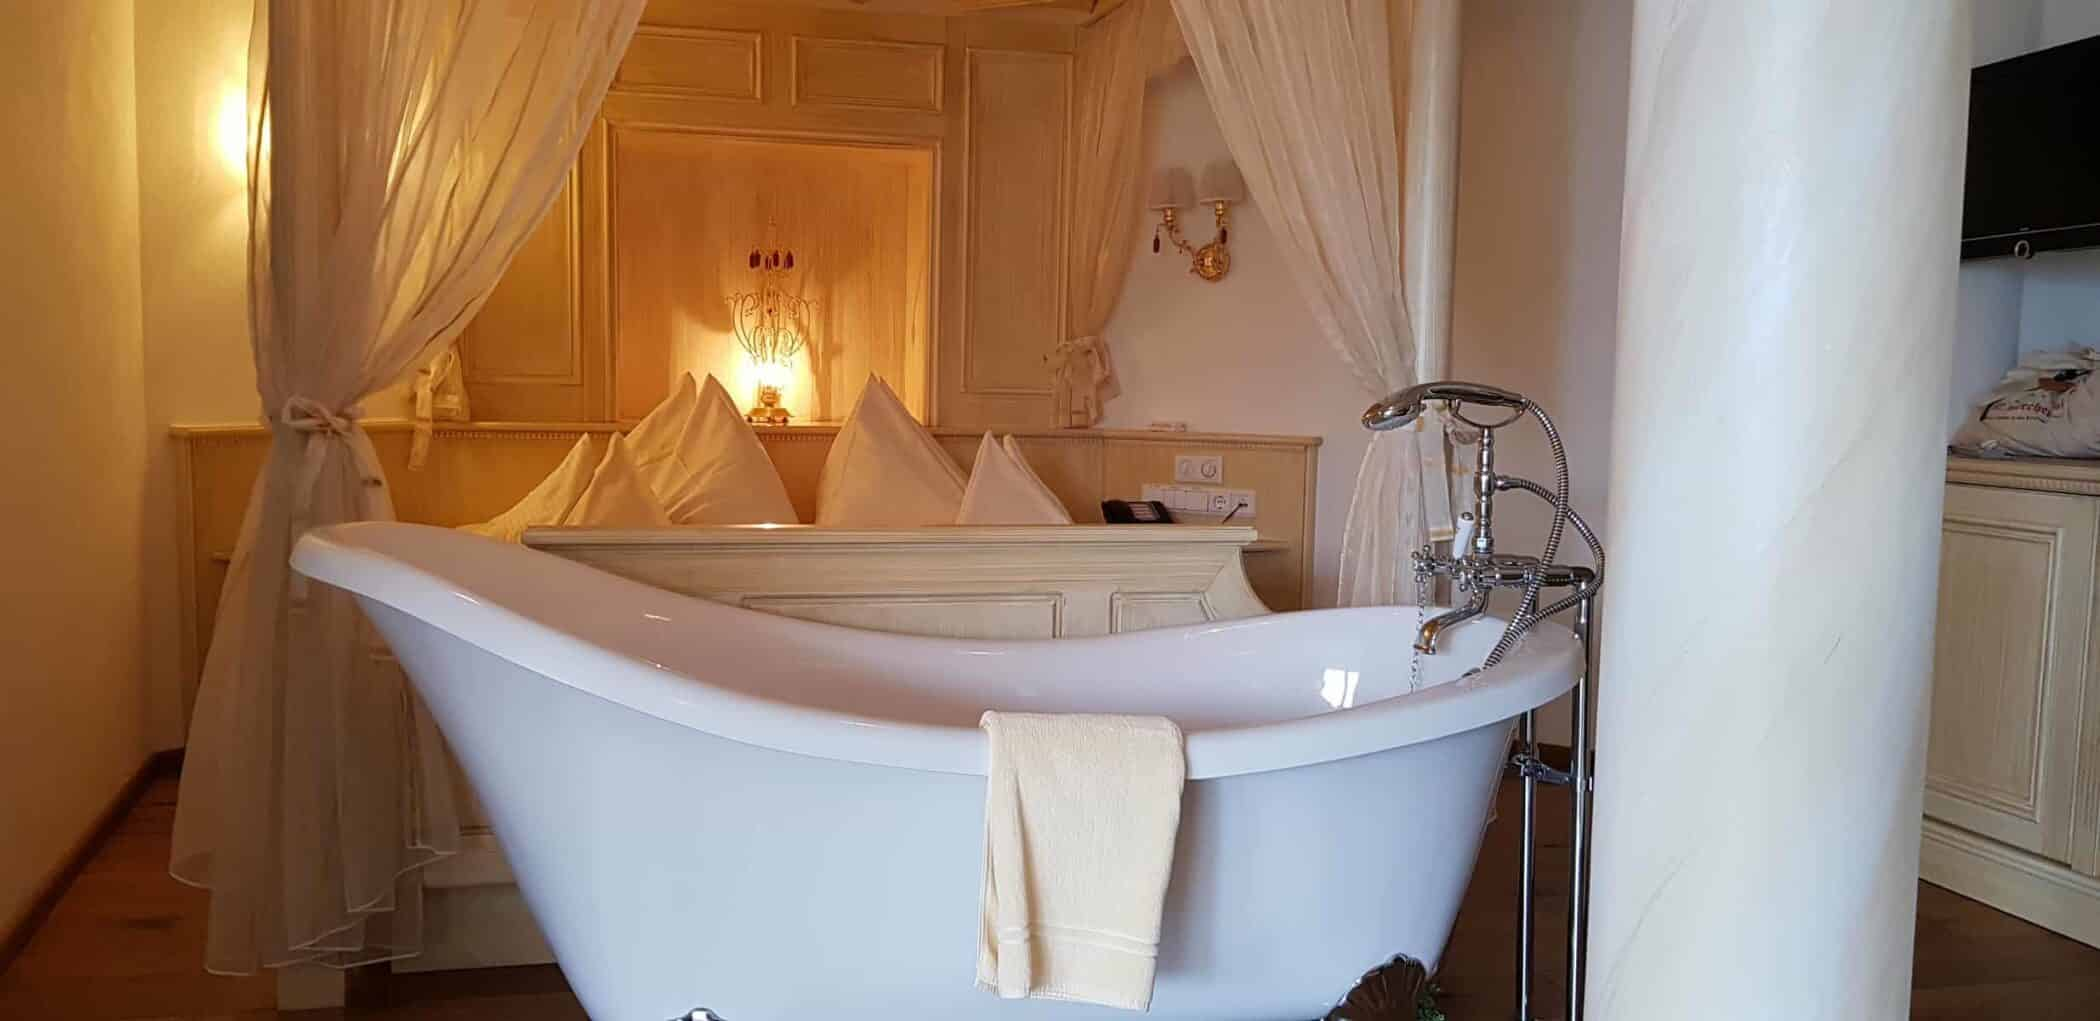 Lärchenhof suite med 2 badeværelser + dette charmerende retro badekar !